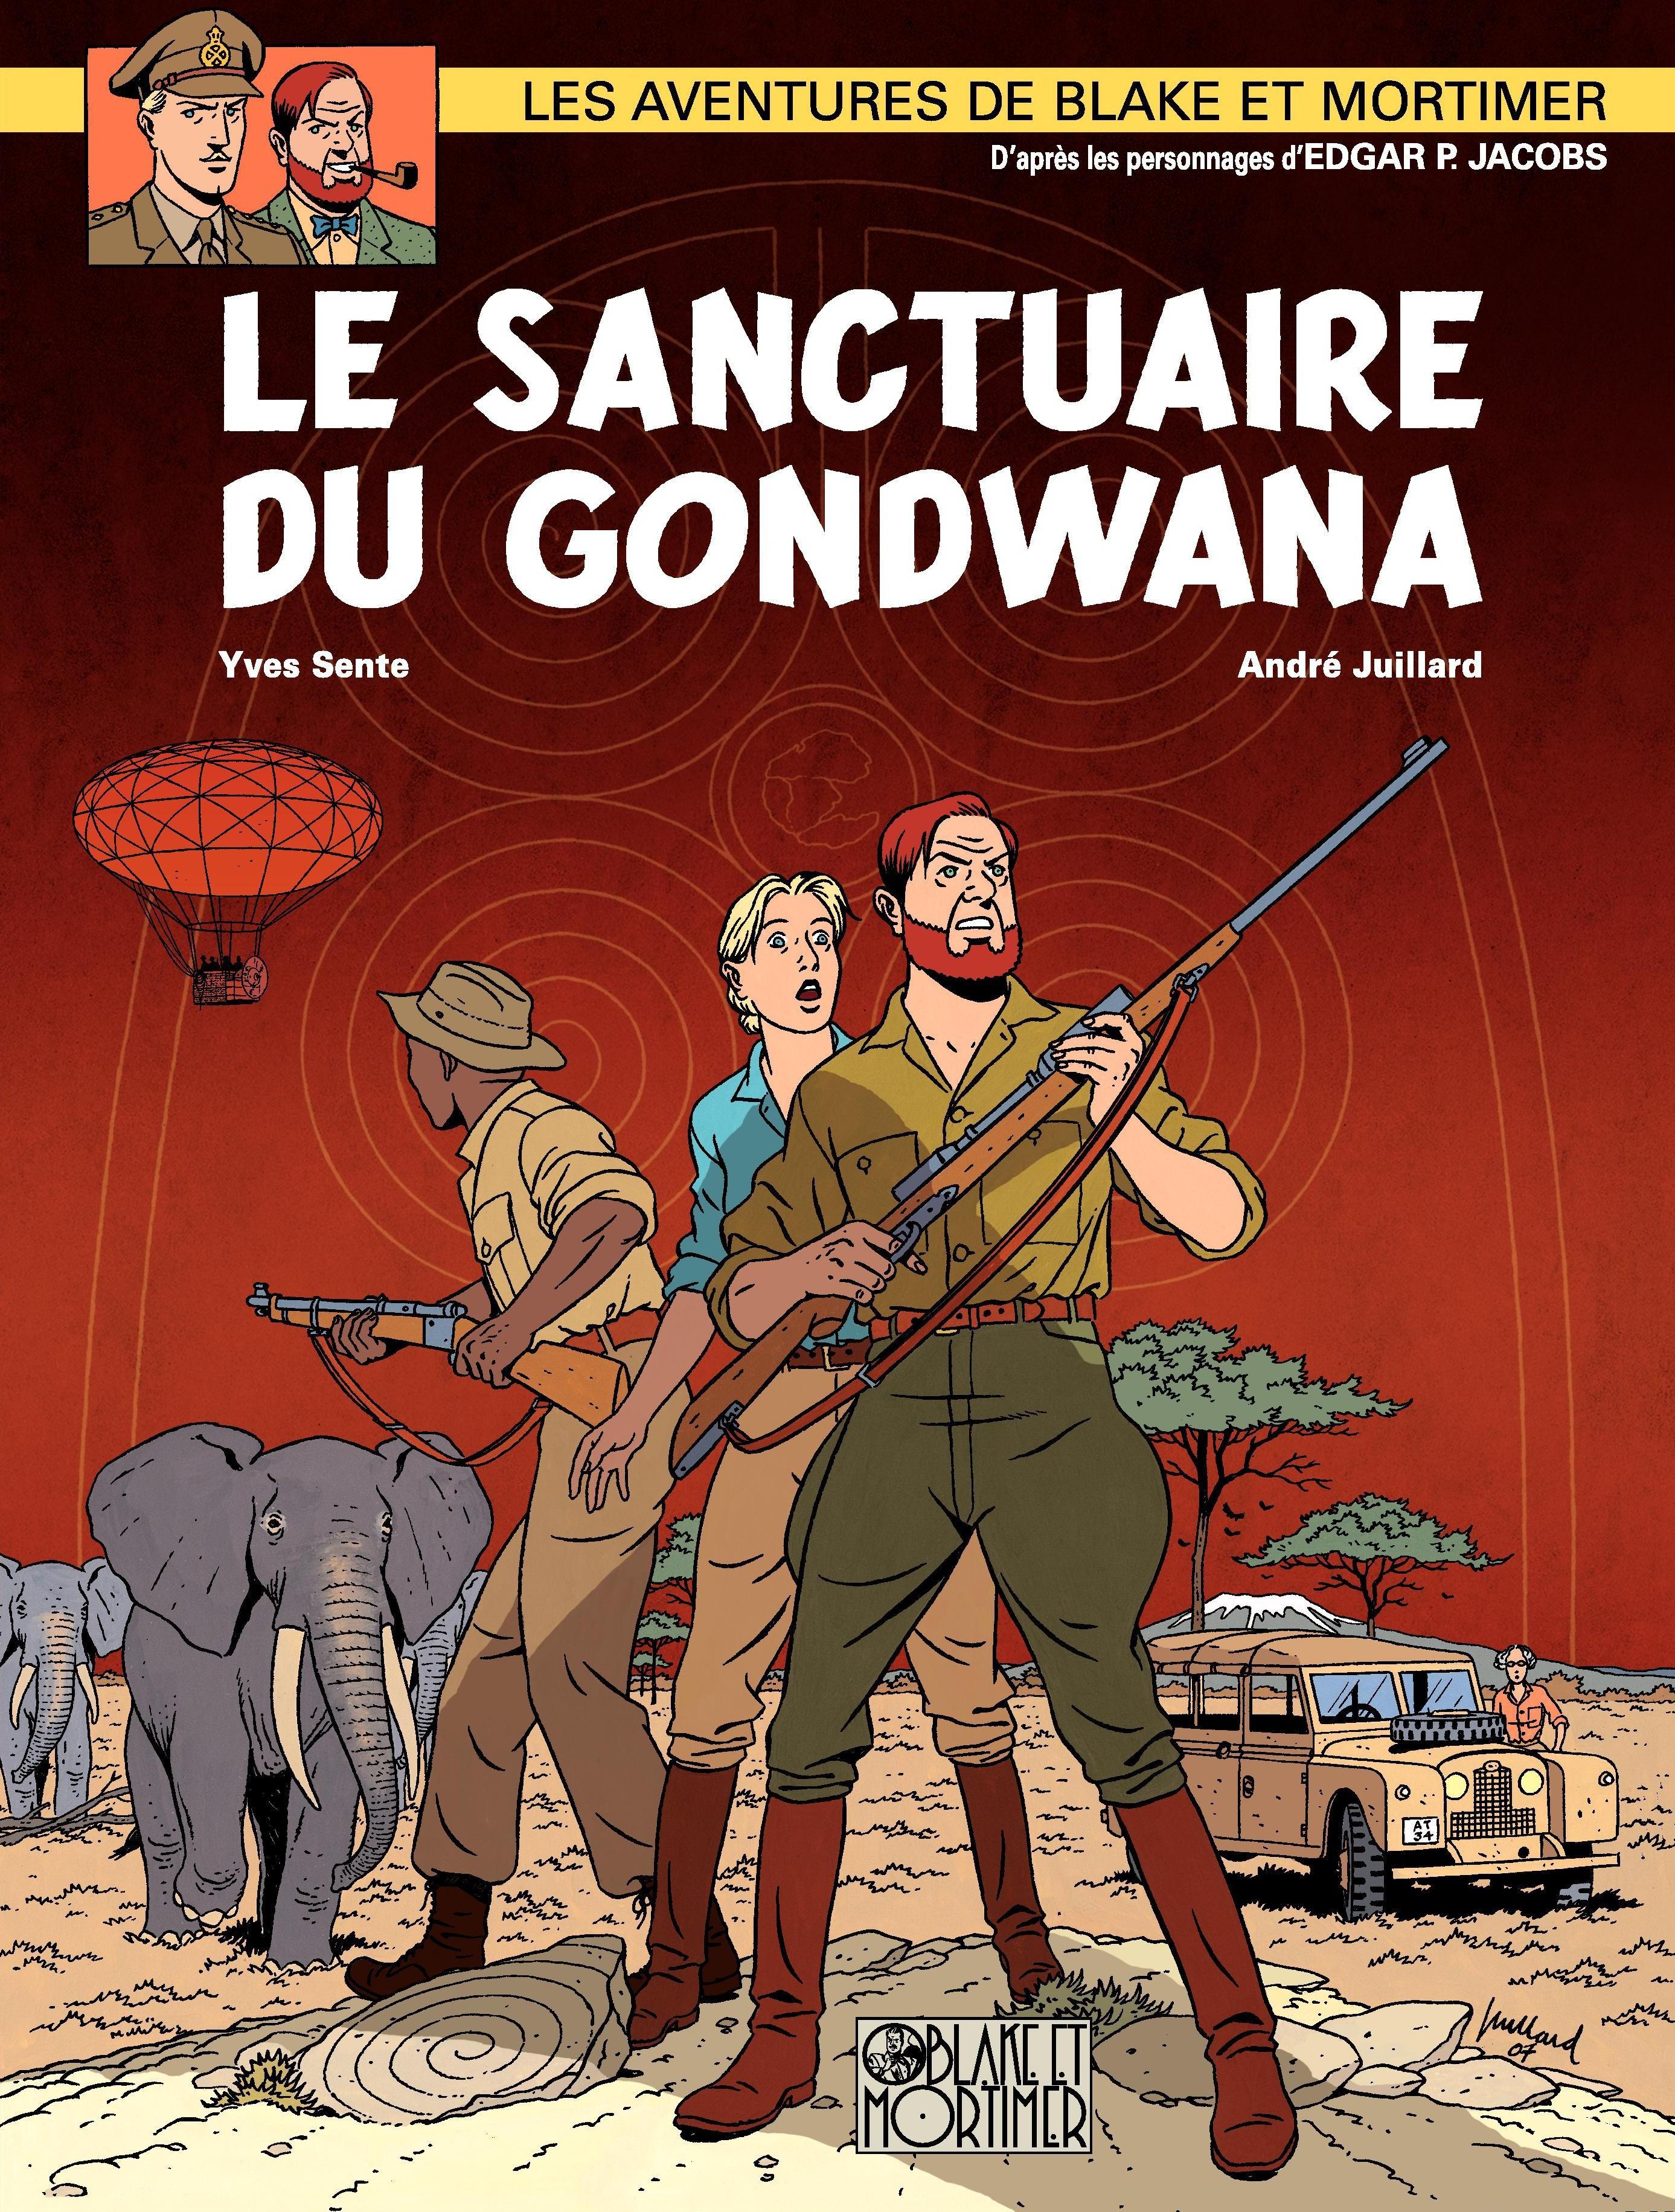 Blake et Mortimer - Tome 18 - Sanctuaire de Gondwana (Le)